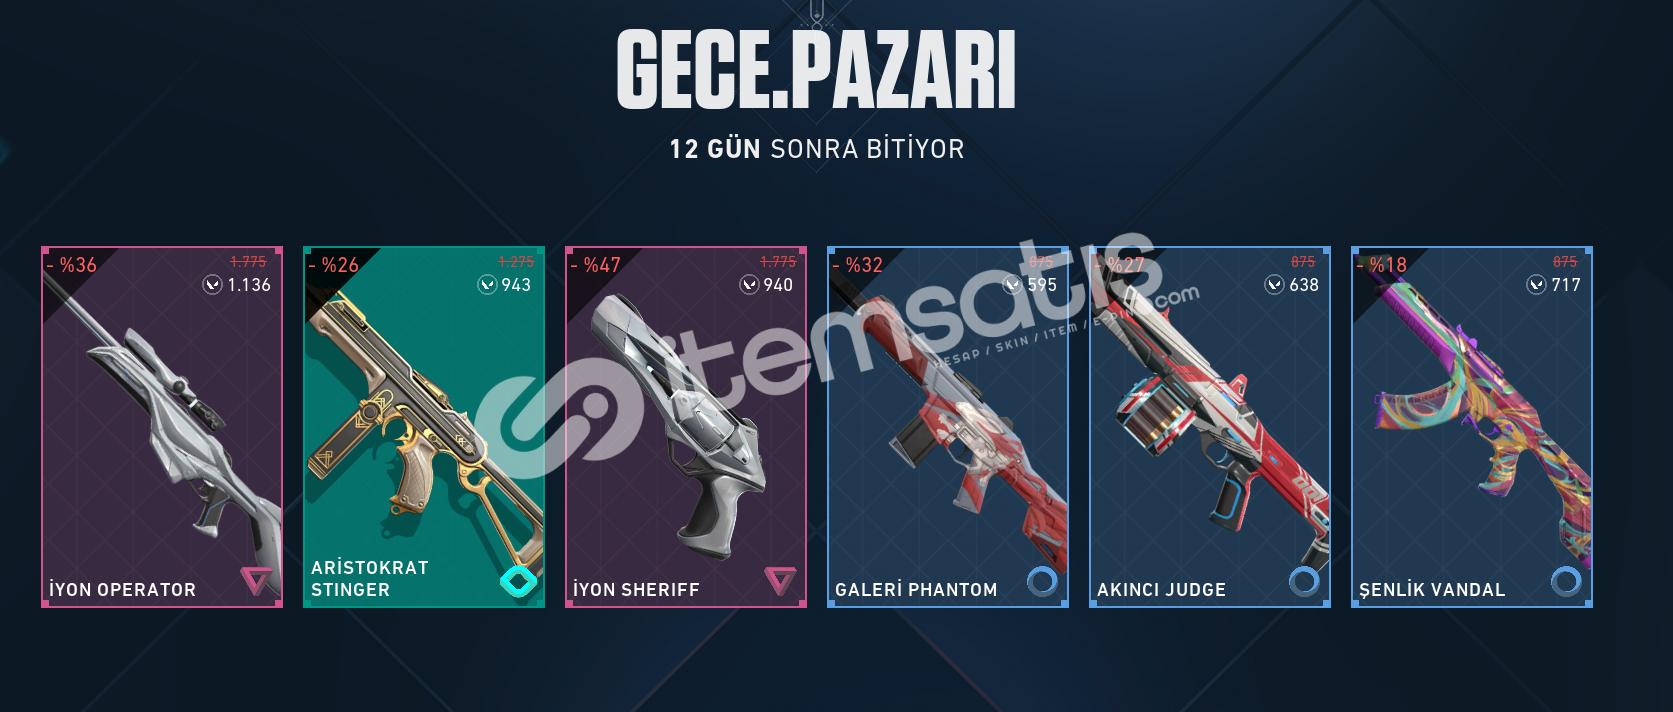 GECE PAZARI ÇOK UCUZA İYON OP+İYON SHERİFF